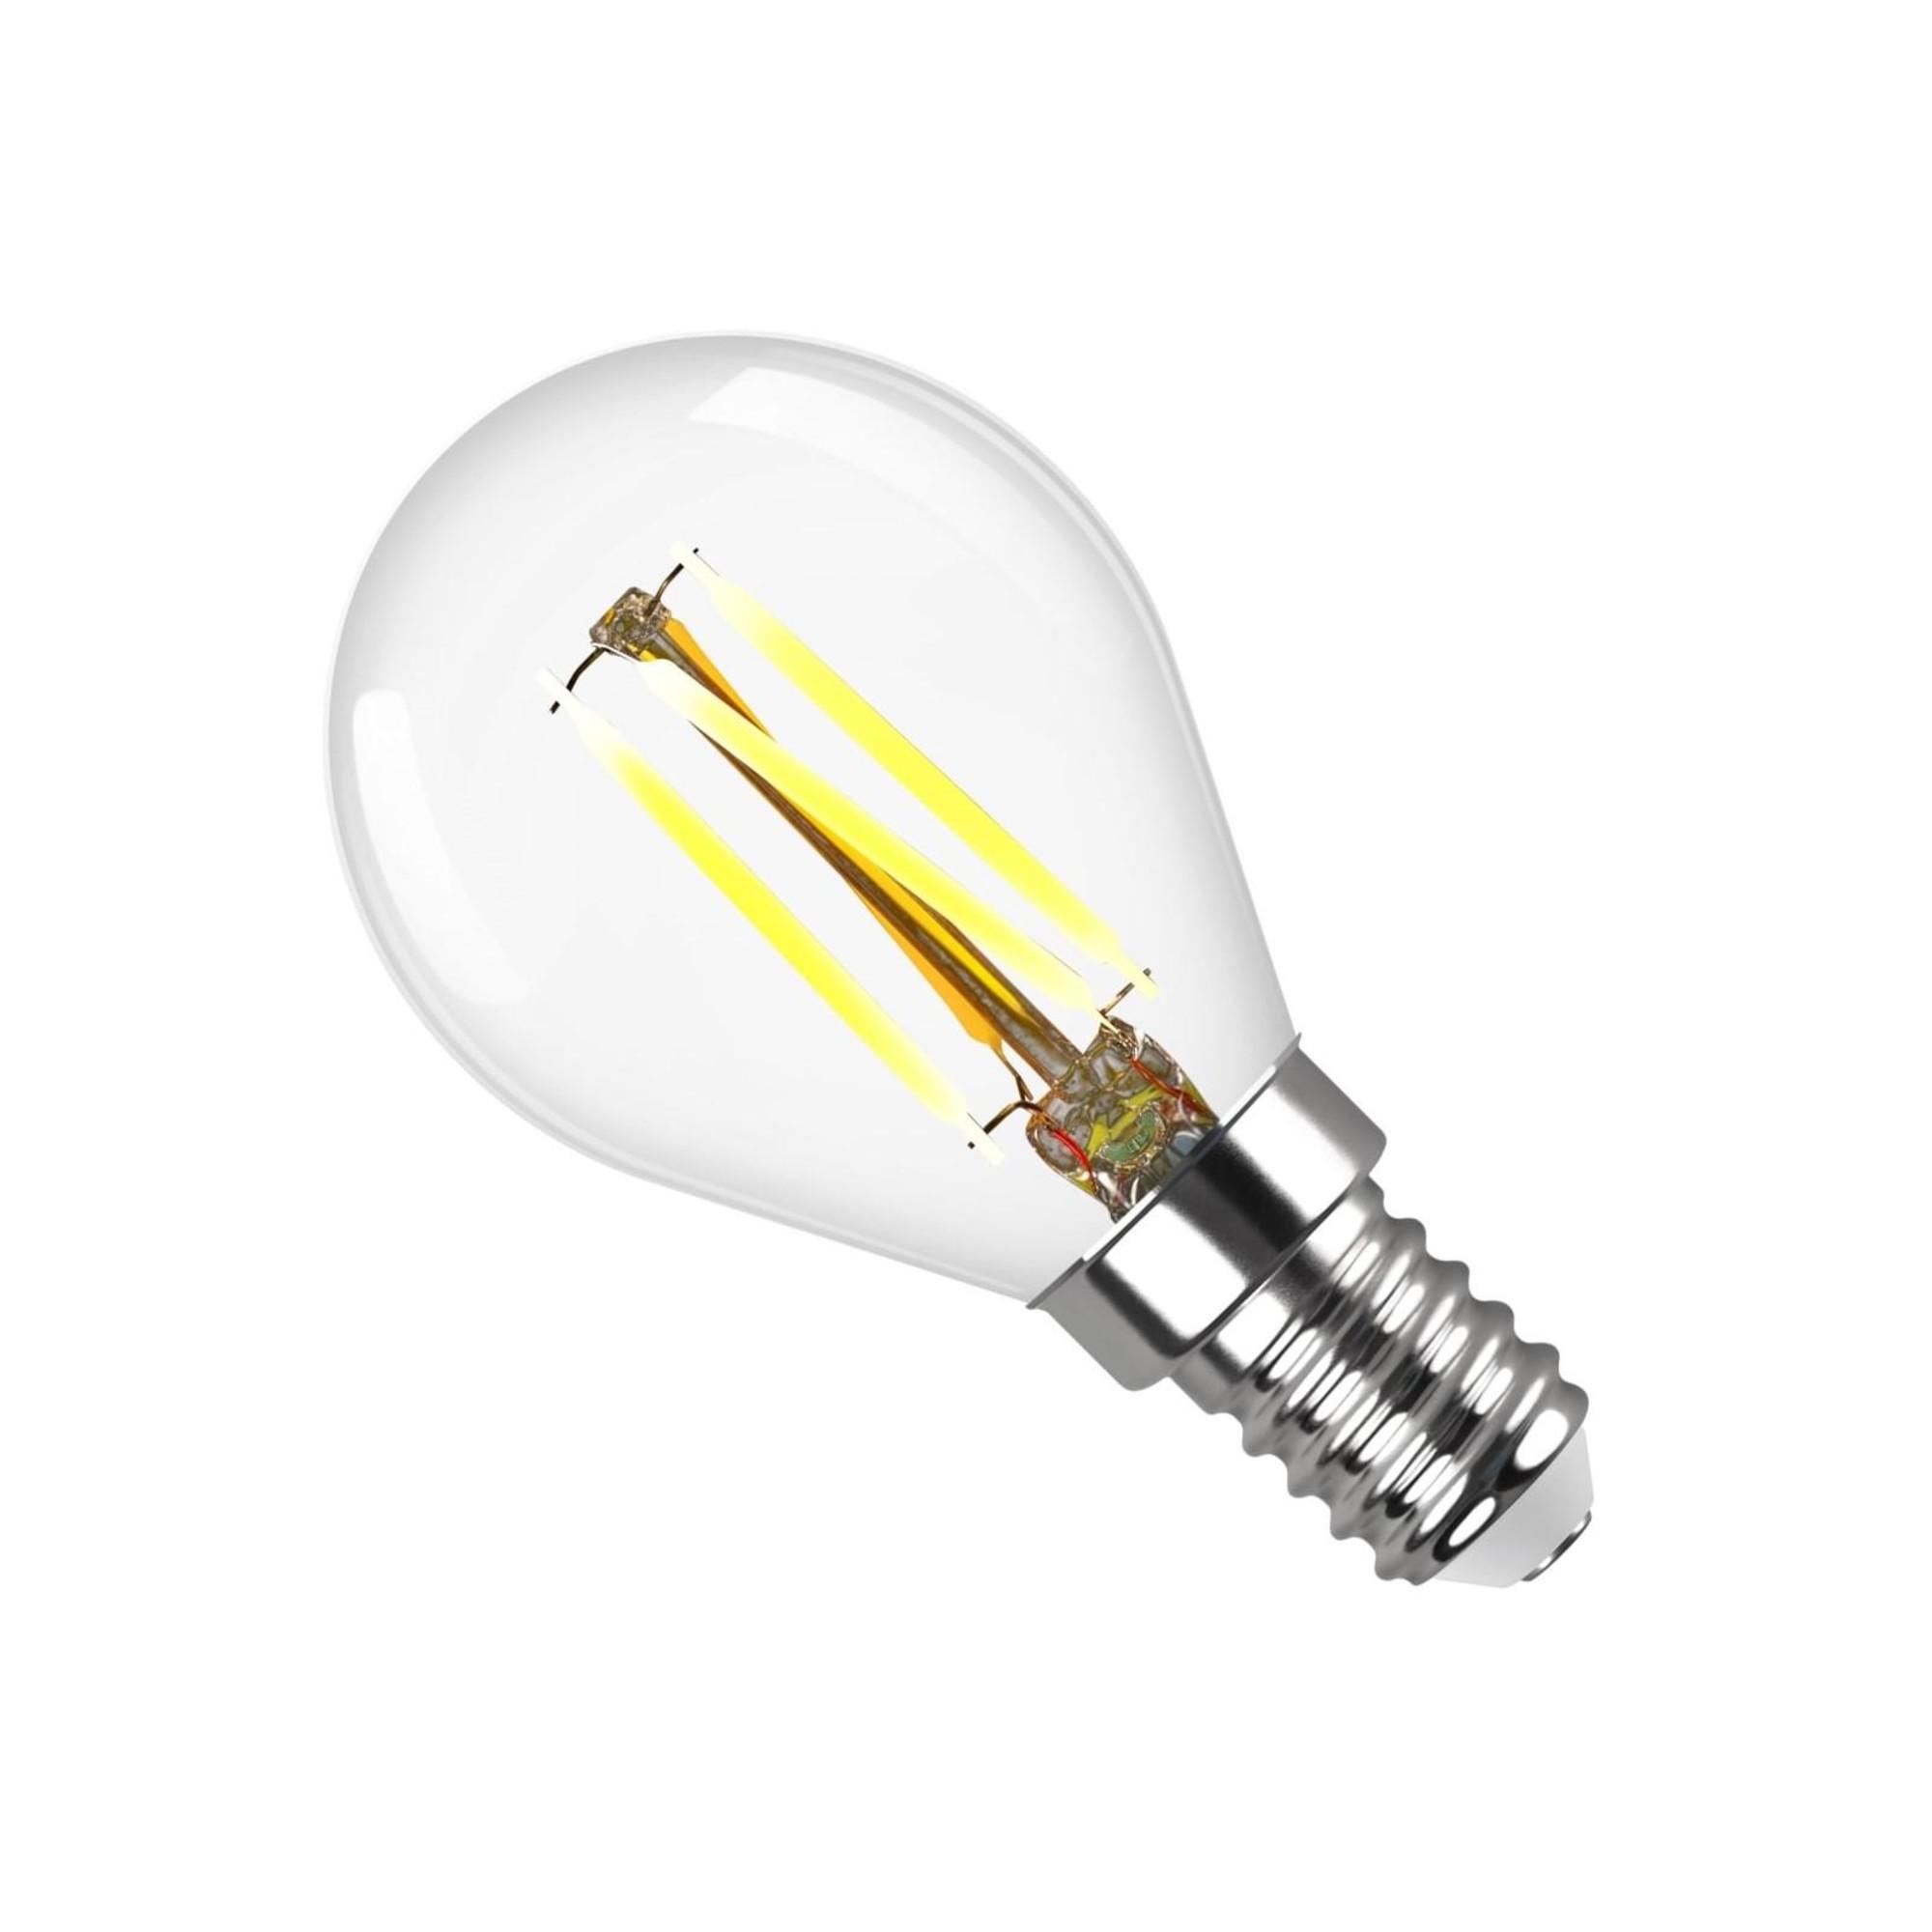 Лампа светодиодная (комплект 5 шт.) REV FILAMENT G45 E14 7W 2700K DECO Premium 32482 9